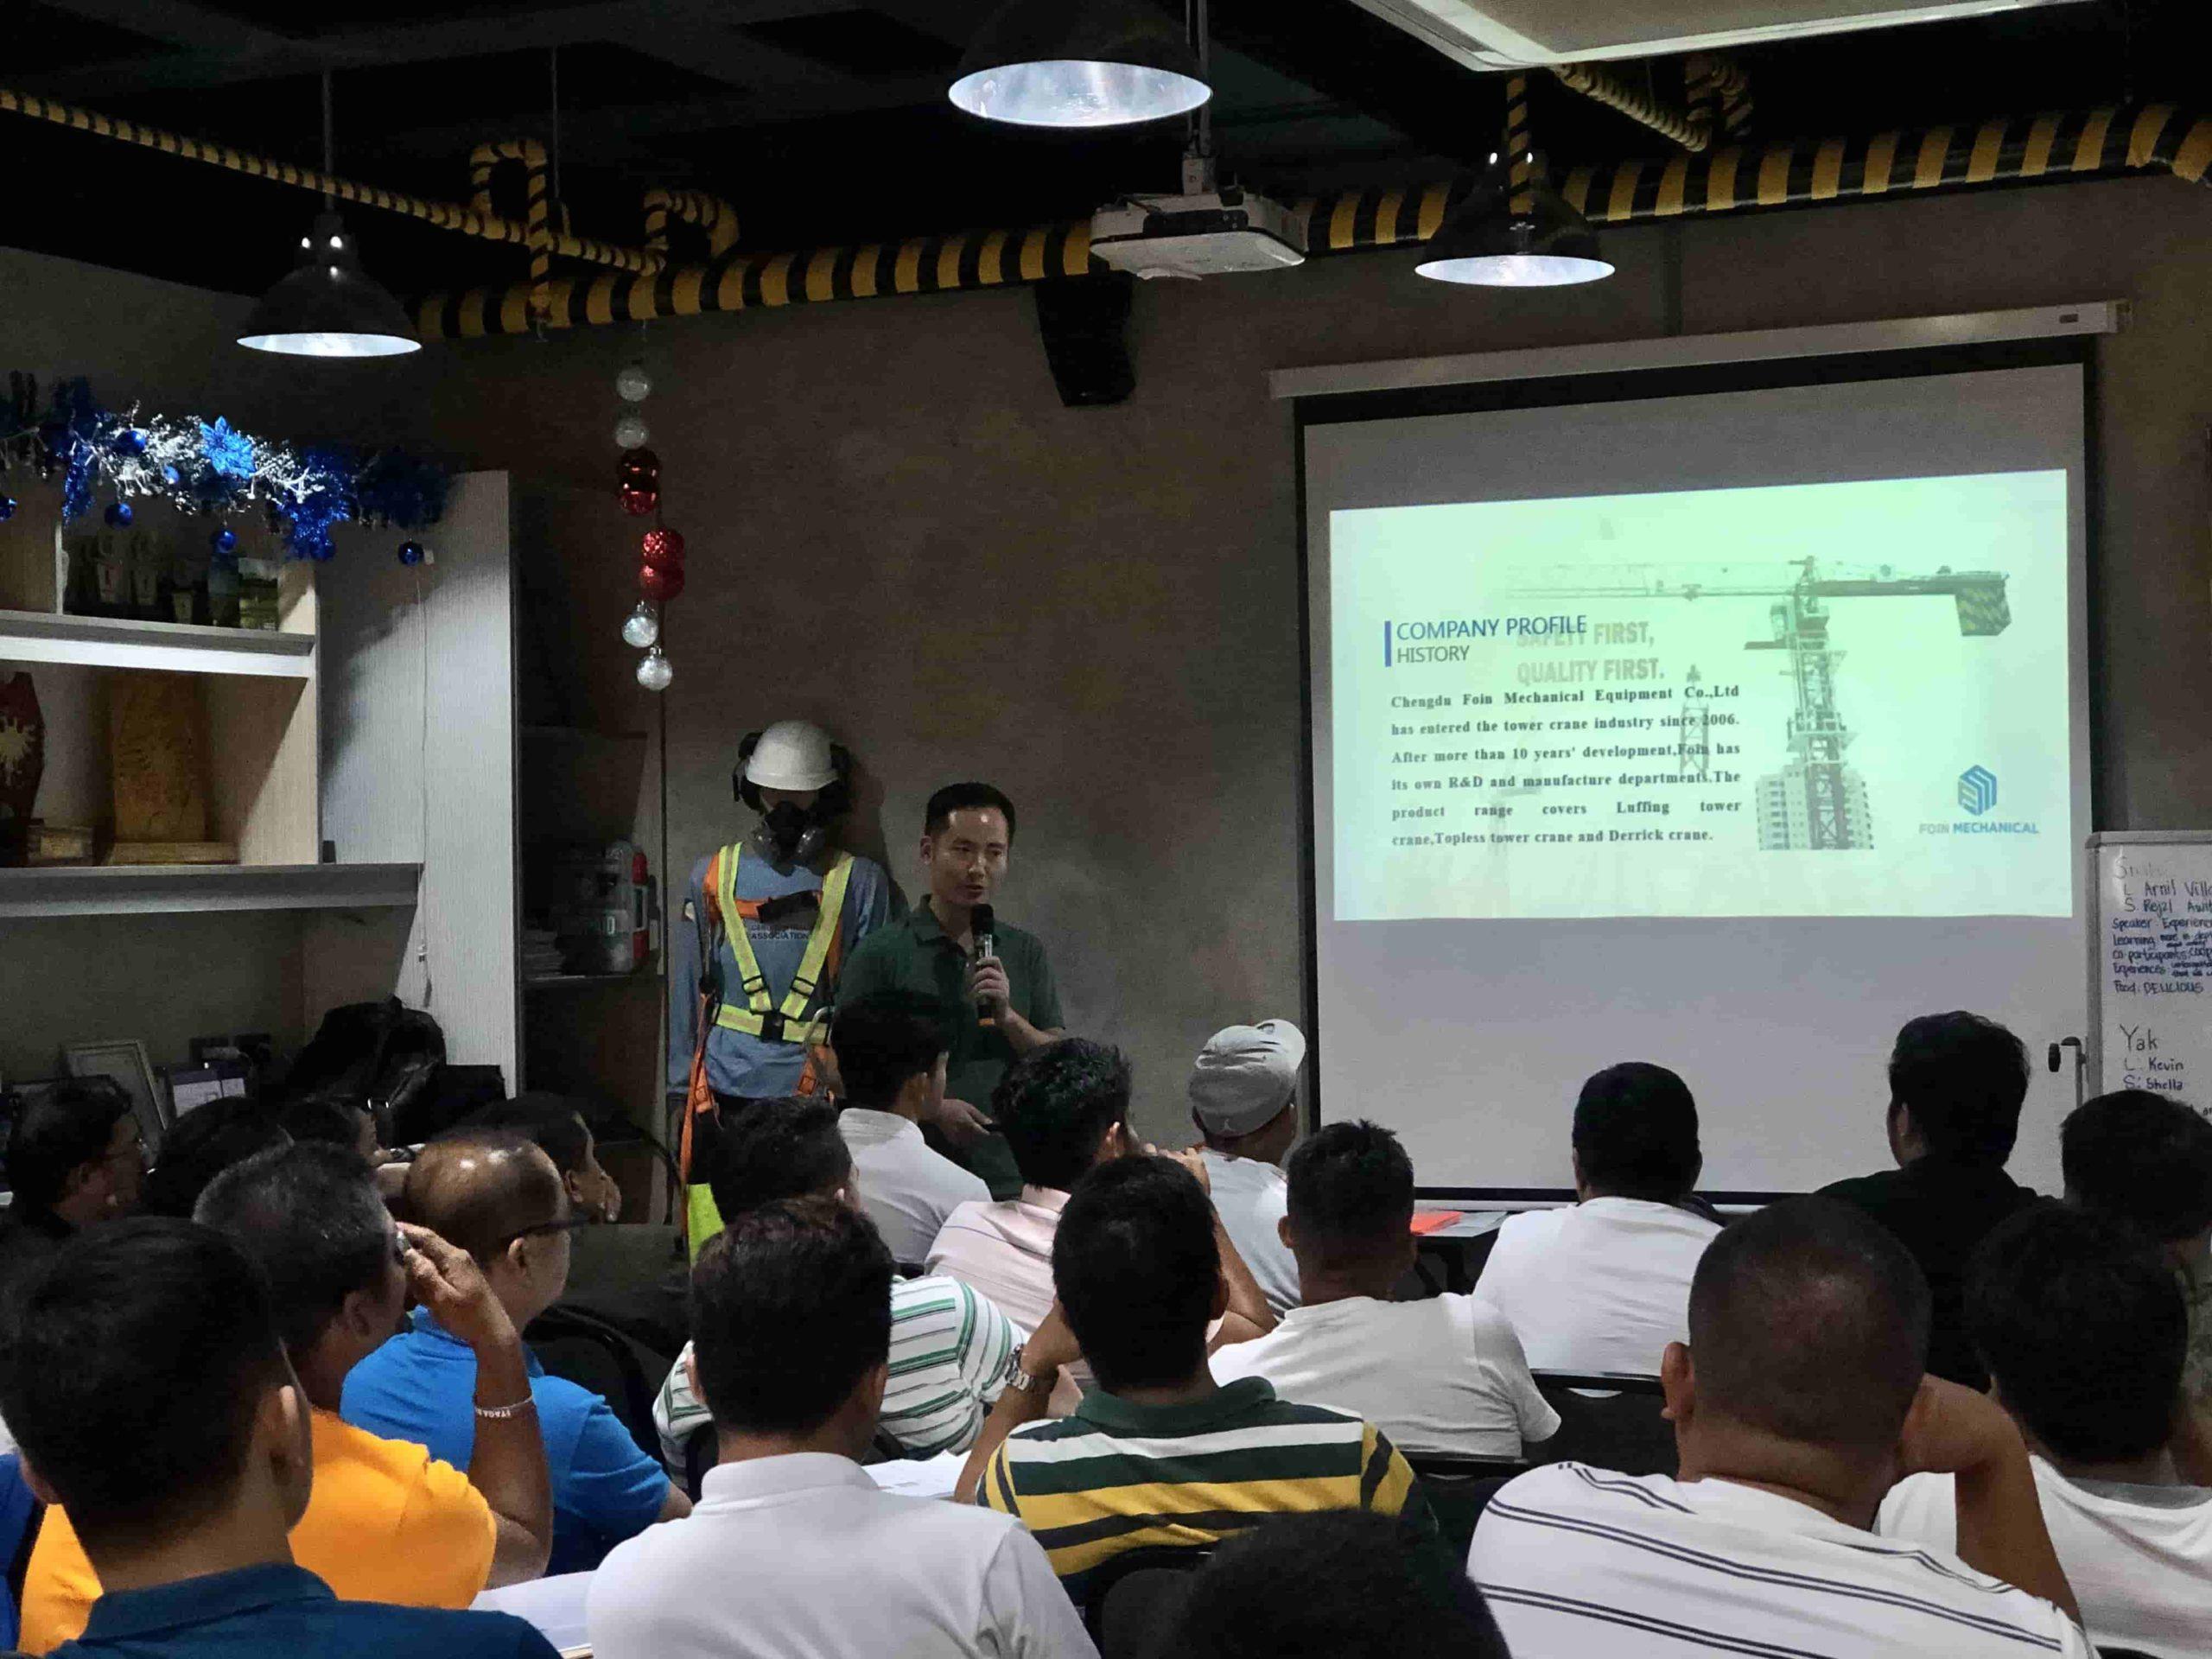 Cần trục tháp FOIN tại buổi giới thiệu sản phẩm của Hiệp hội các nhà xây dựng Philippines